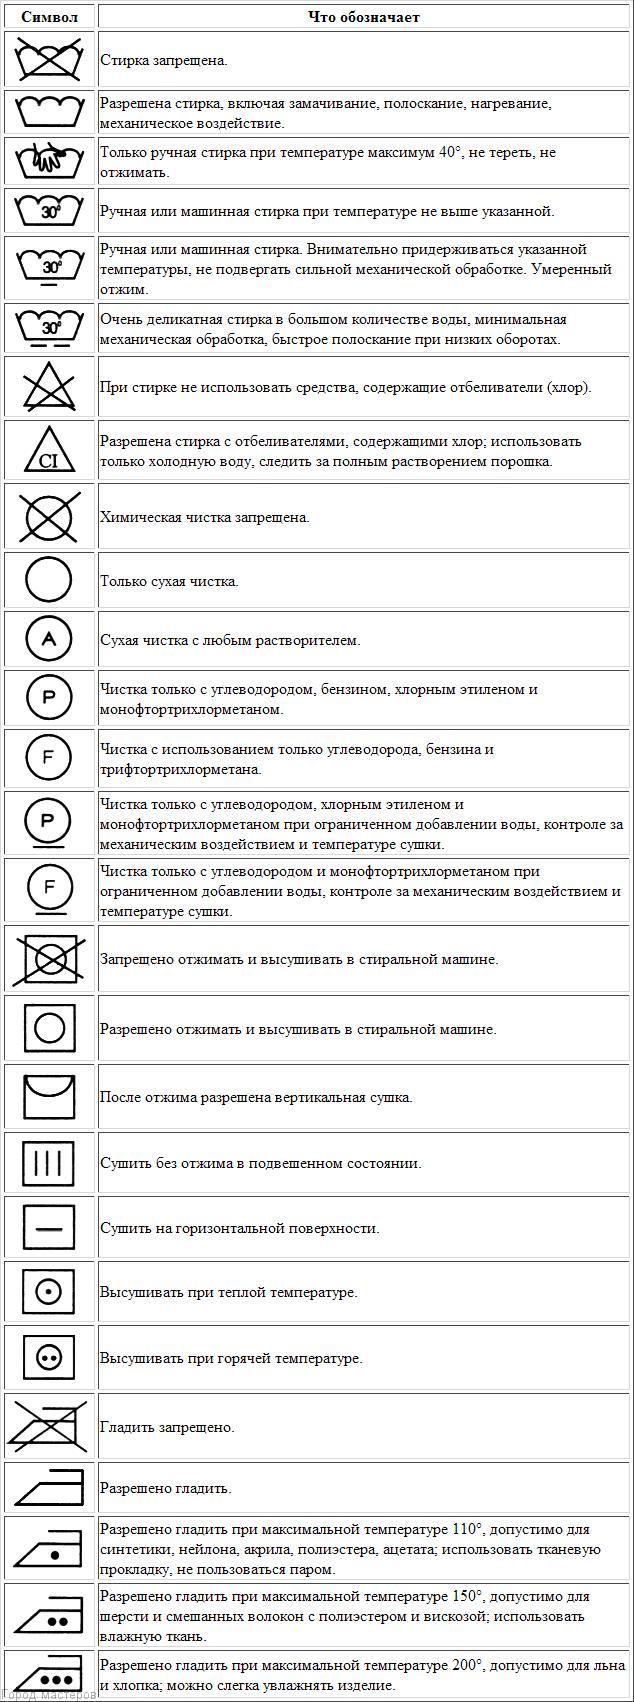 знаки на одежде для стирки расшифровка 🔴 ЗНАКИ НА ОДЕЖДЕ ДЛЯ СТИРКИ таблица